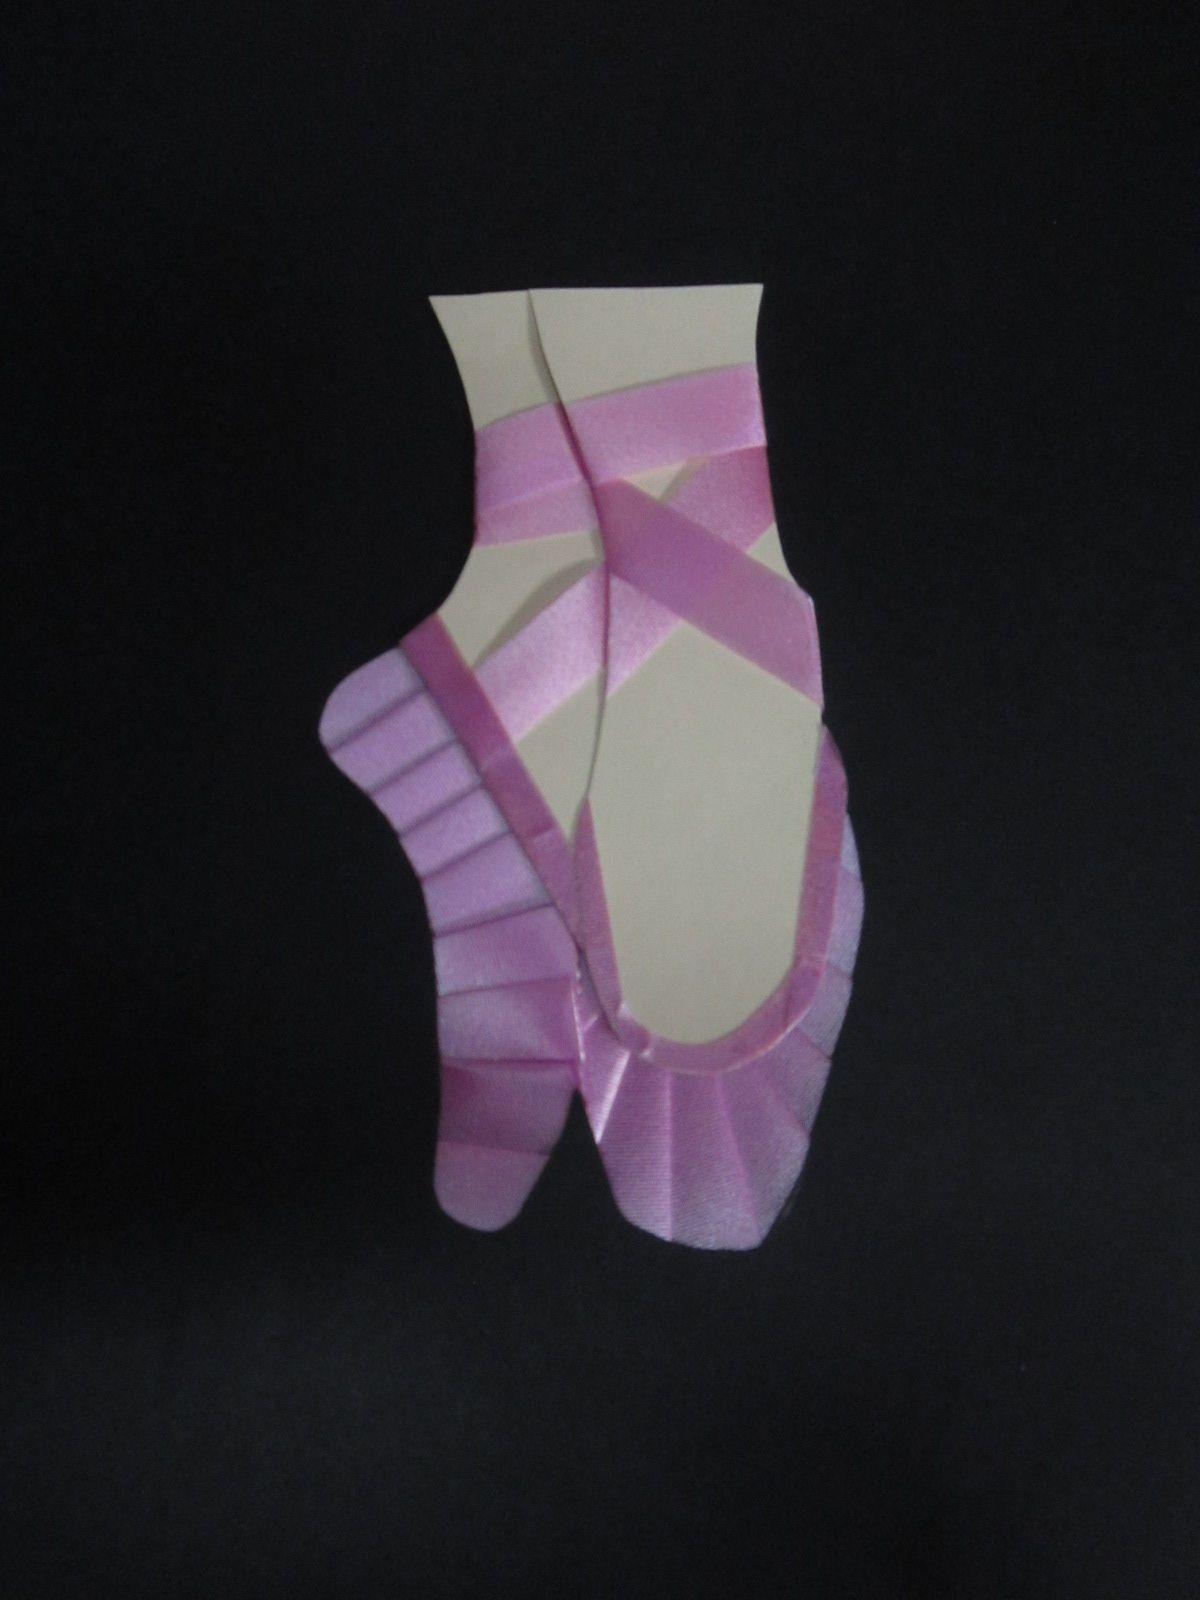 Iris folded ballet slippers | iris folding ideas tarjetas ...